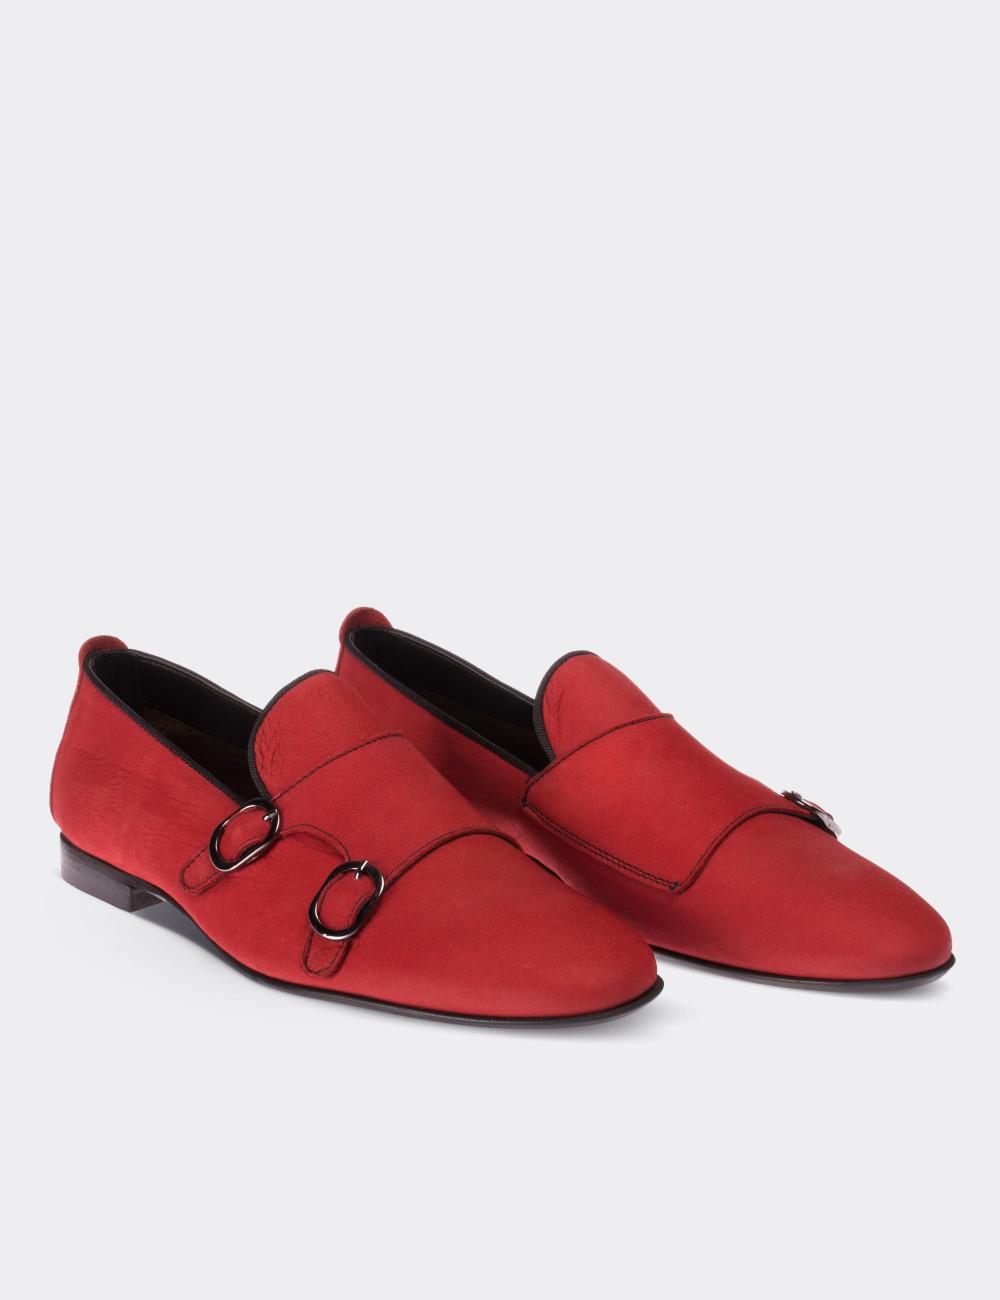 Hakiki Nubuk Çift Tokalı Kırmızı Kadın Loafer - 01611ZKRMM02